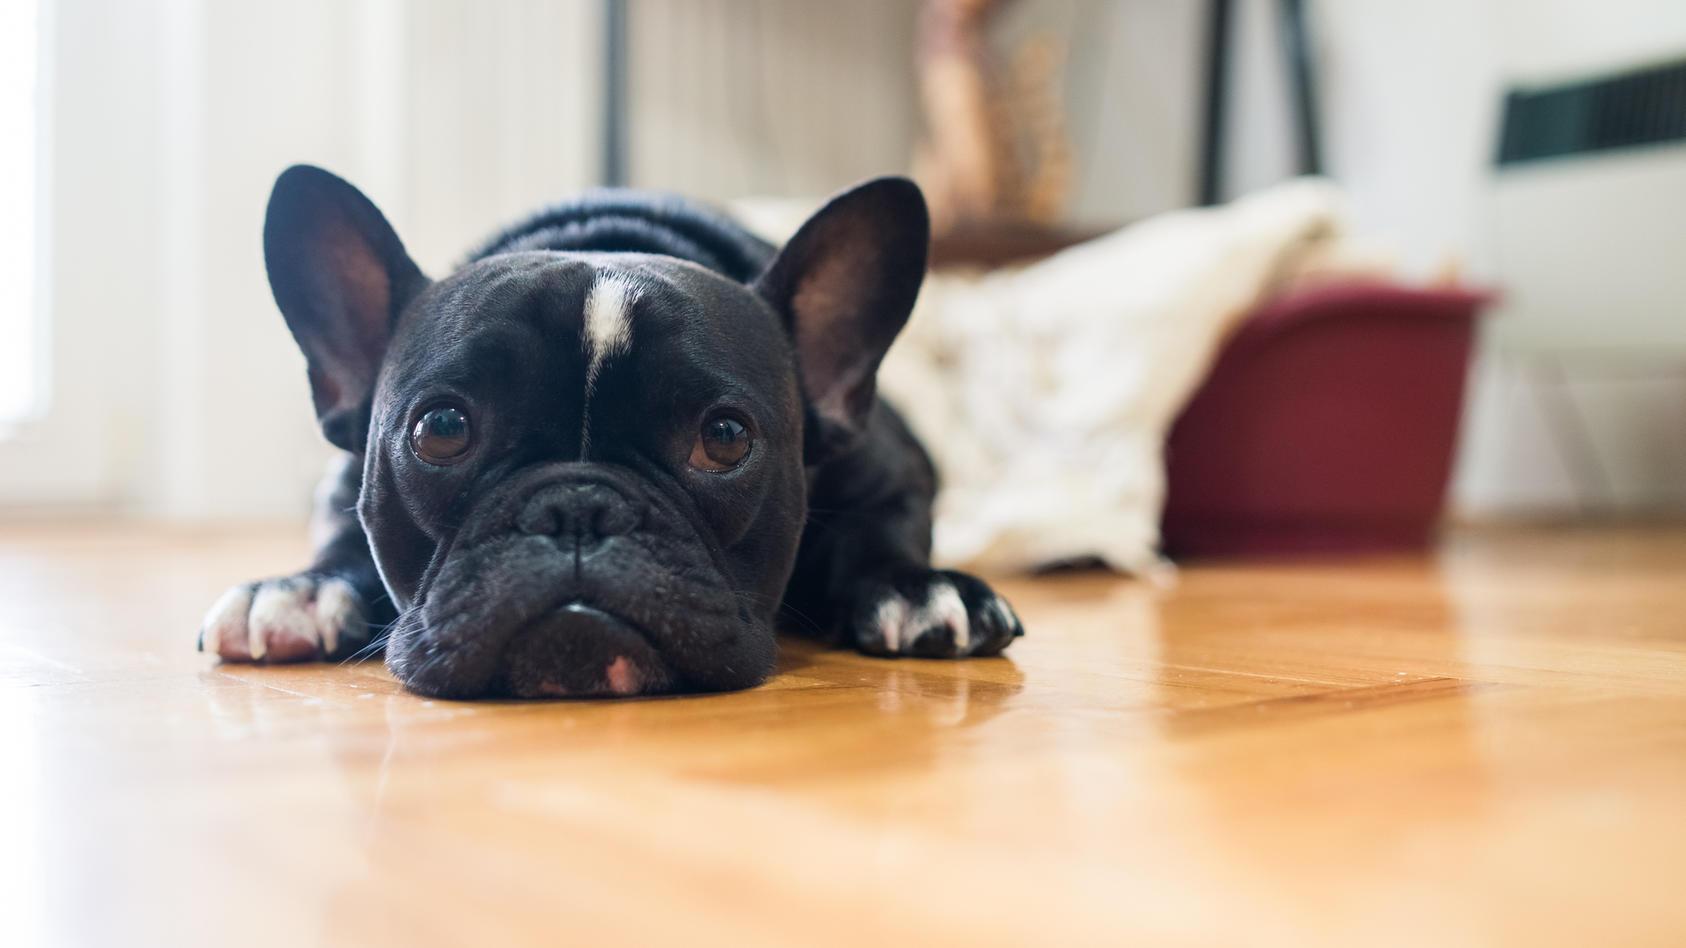 Wie sehr leiden unsere Haustiere unter dem Corona-Lockdown?